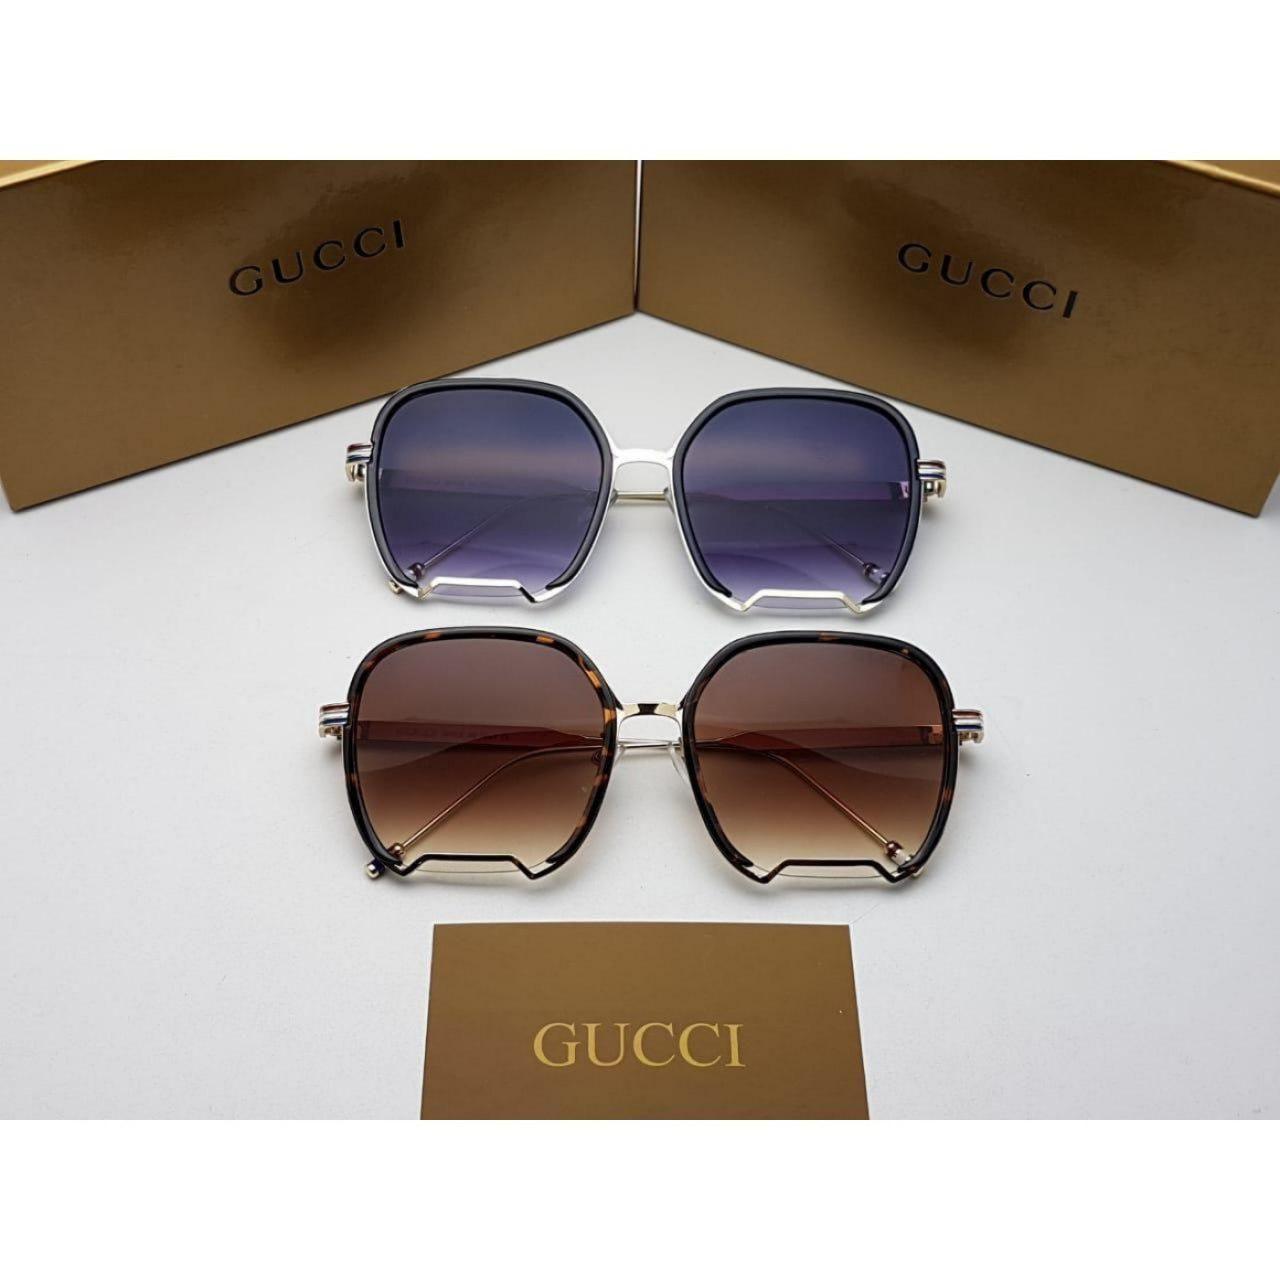 نظارات قوتشي رجالي Gucci مع جميع الملحقات و بنفس اسم الماركه هدايا هنوف Sunglasses Glasses Fashion